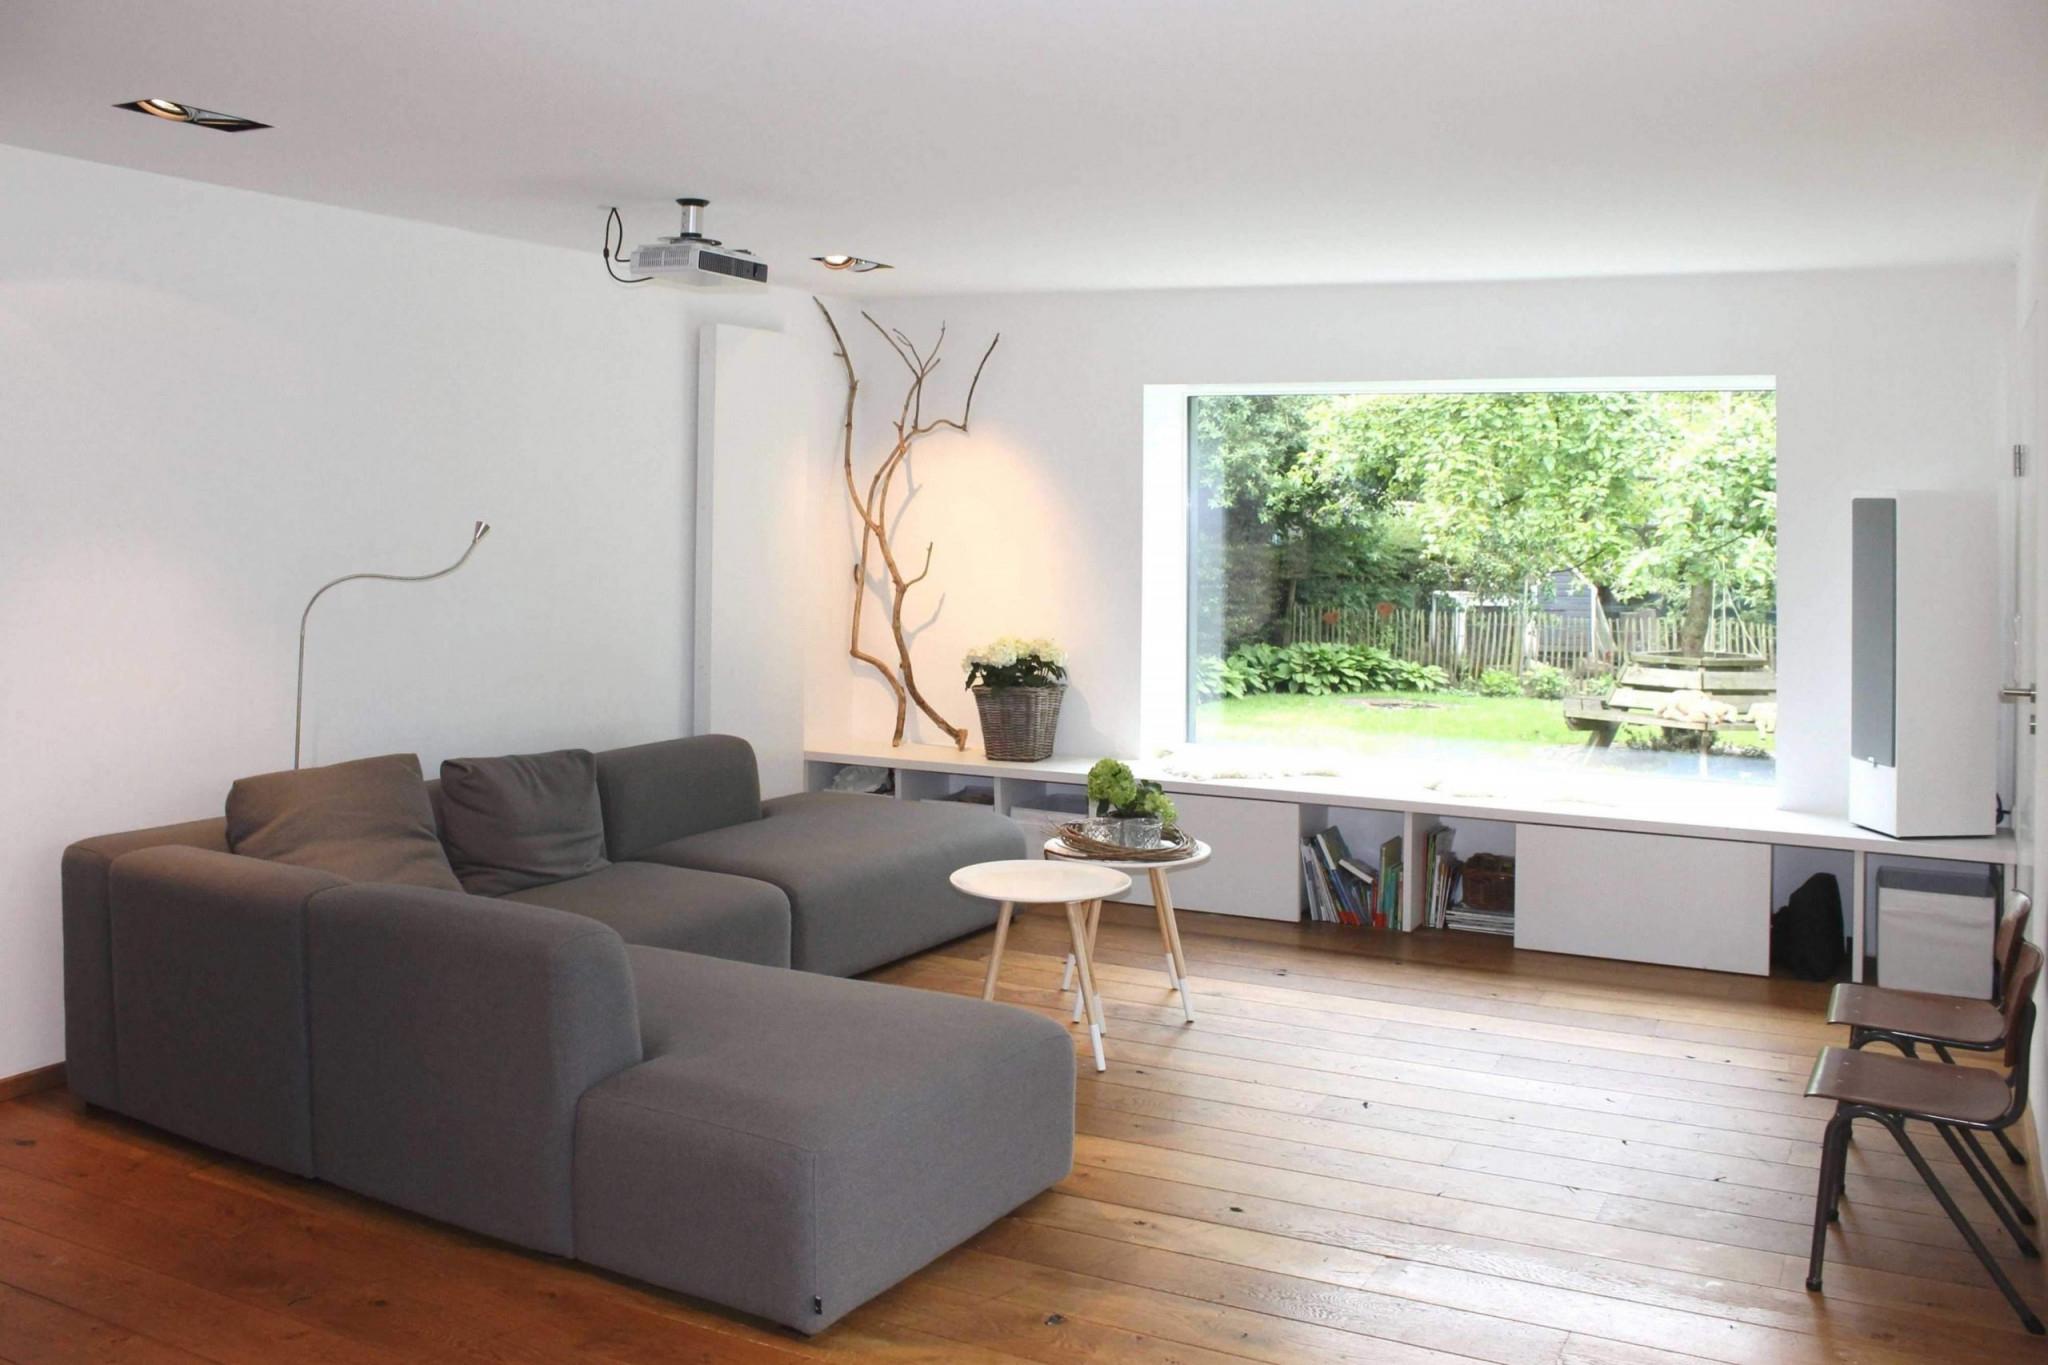 27 Elegant Leinwandbilder Wohnzimmer Genial  Wohnzimmer Frisch von Bilder Für Das Wohnzimmer Bild